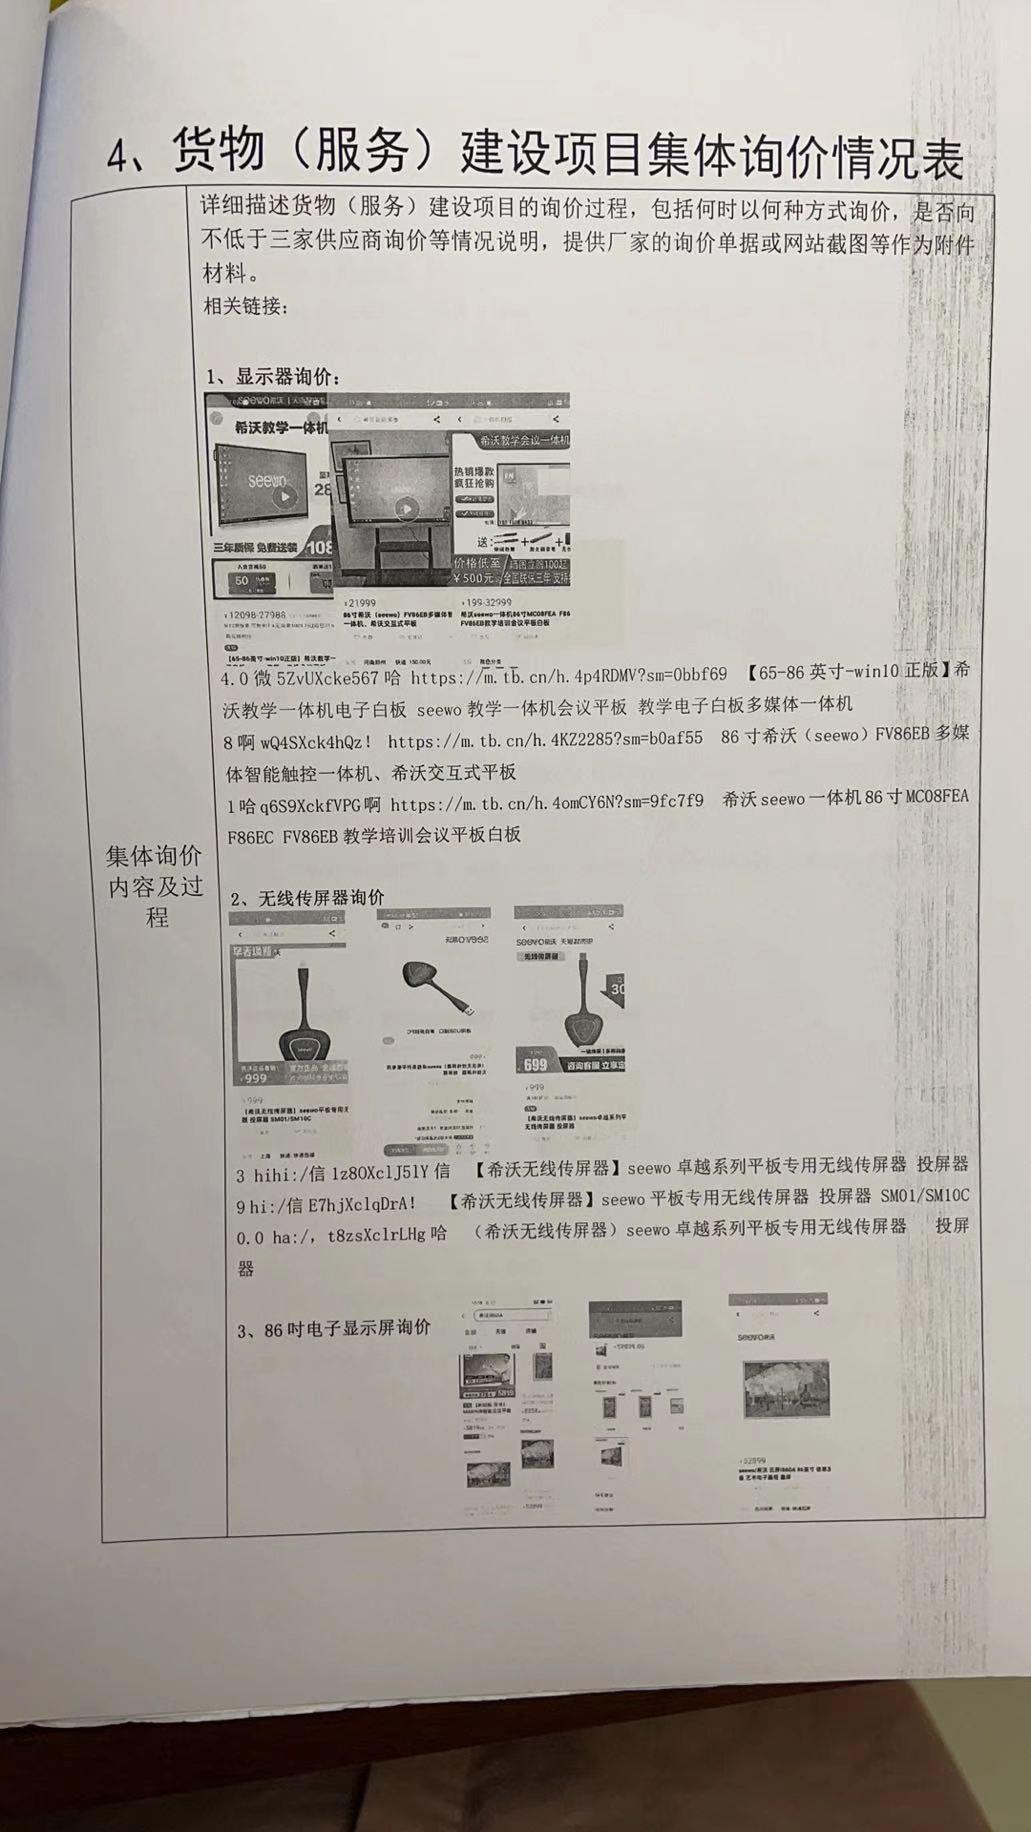 新闻传播与影视学院中俄合作办学项目建设购置审批表和论证报告公示